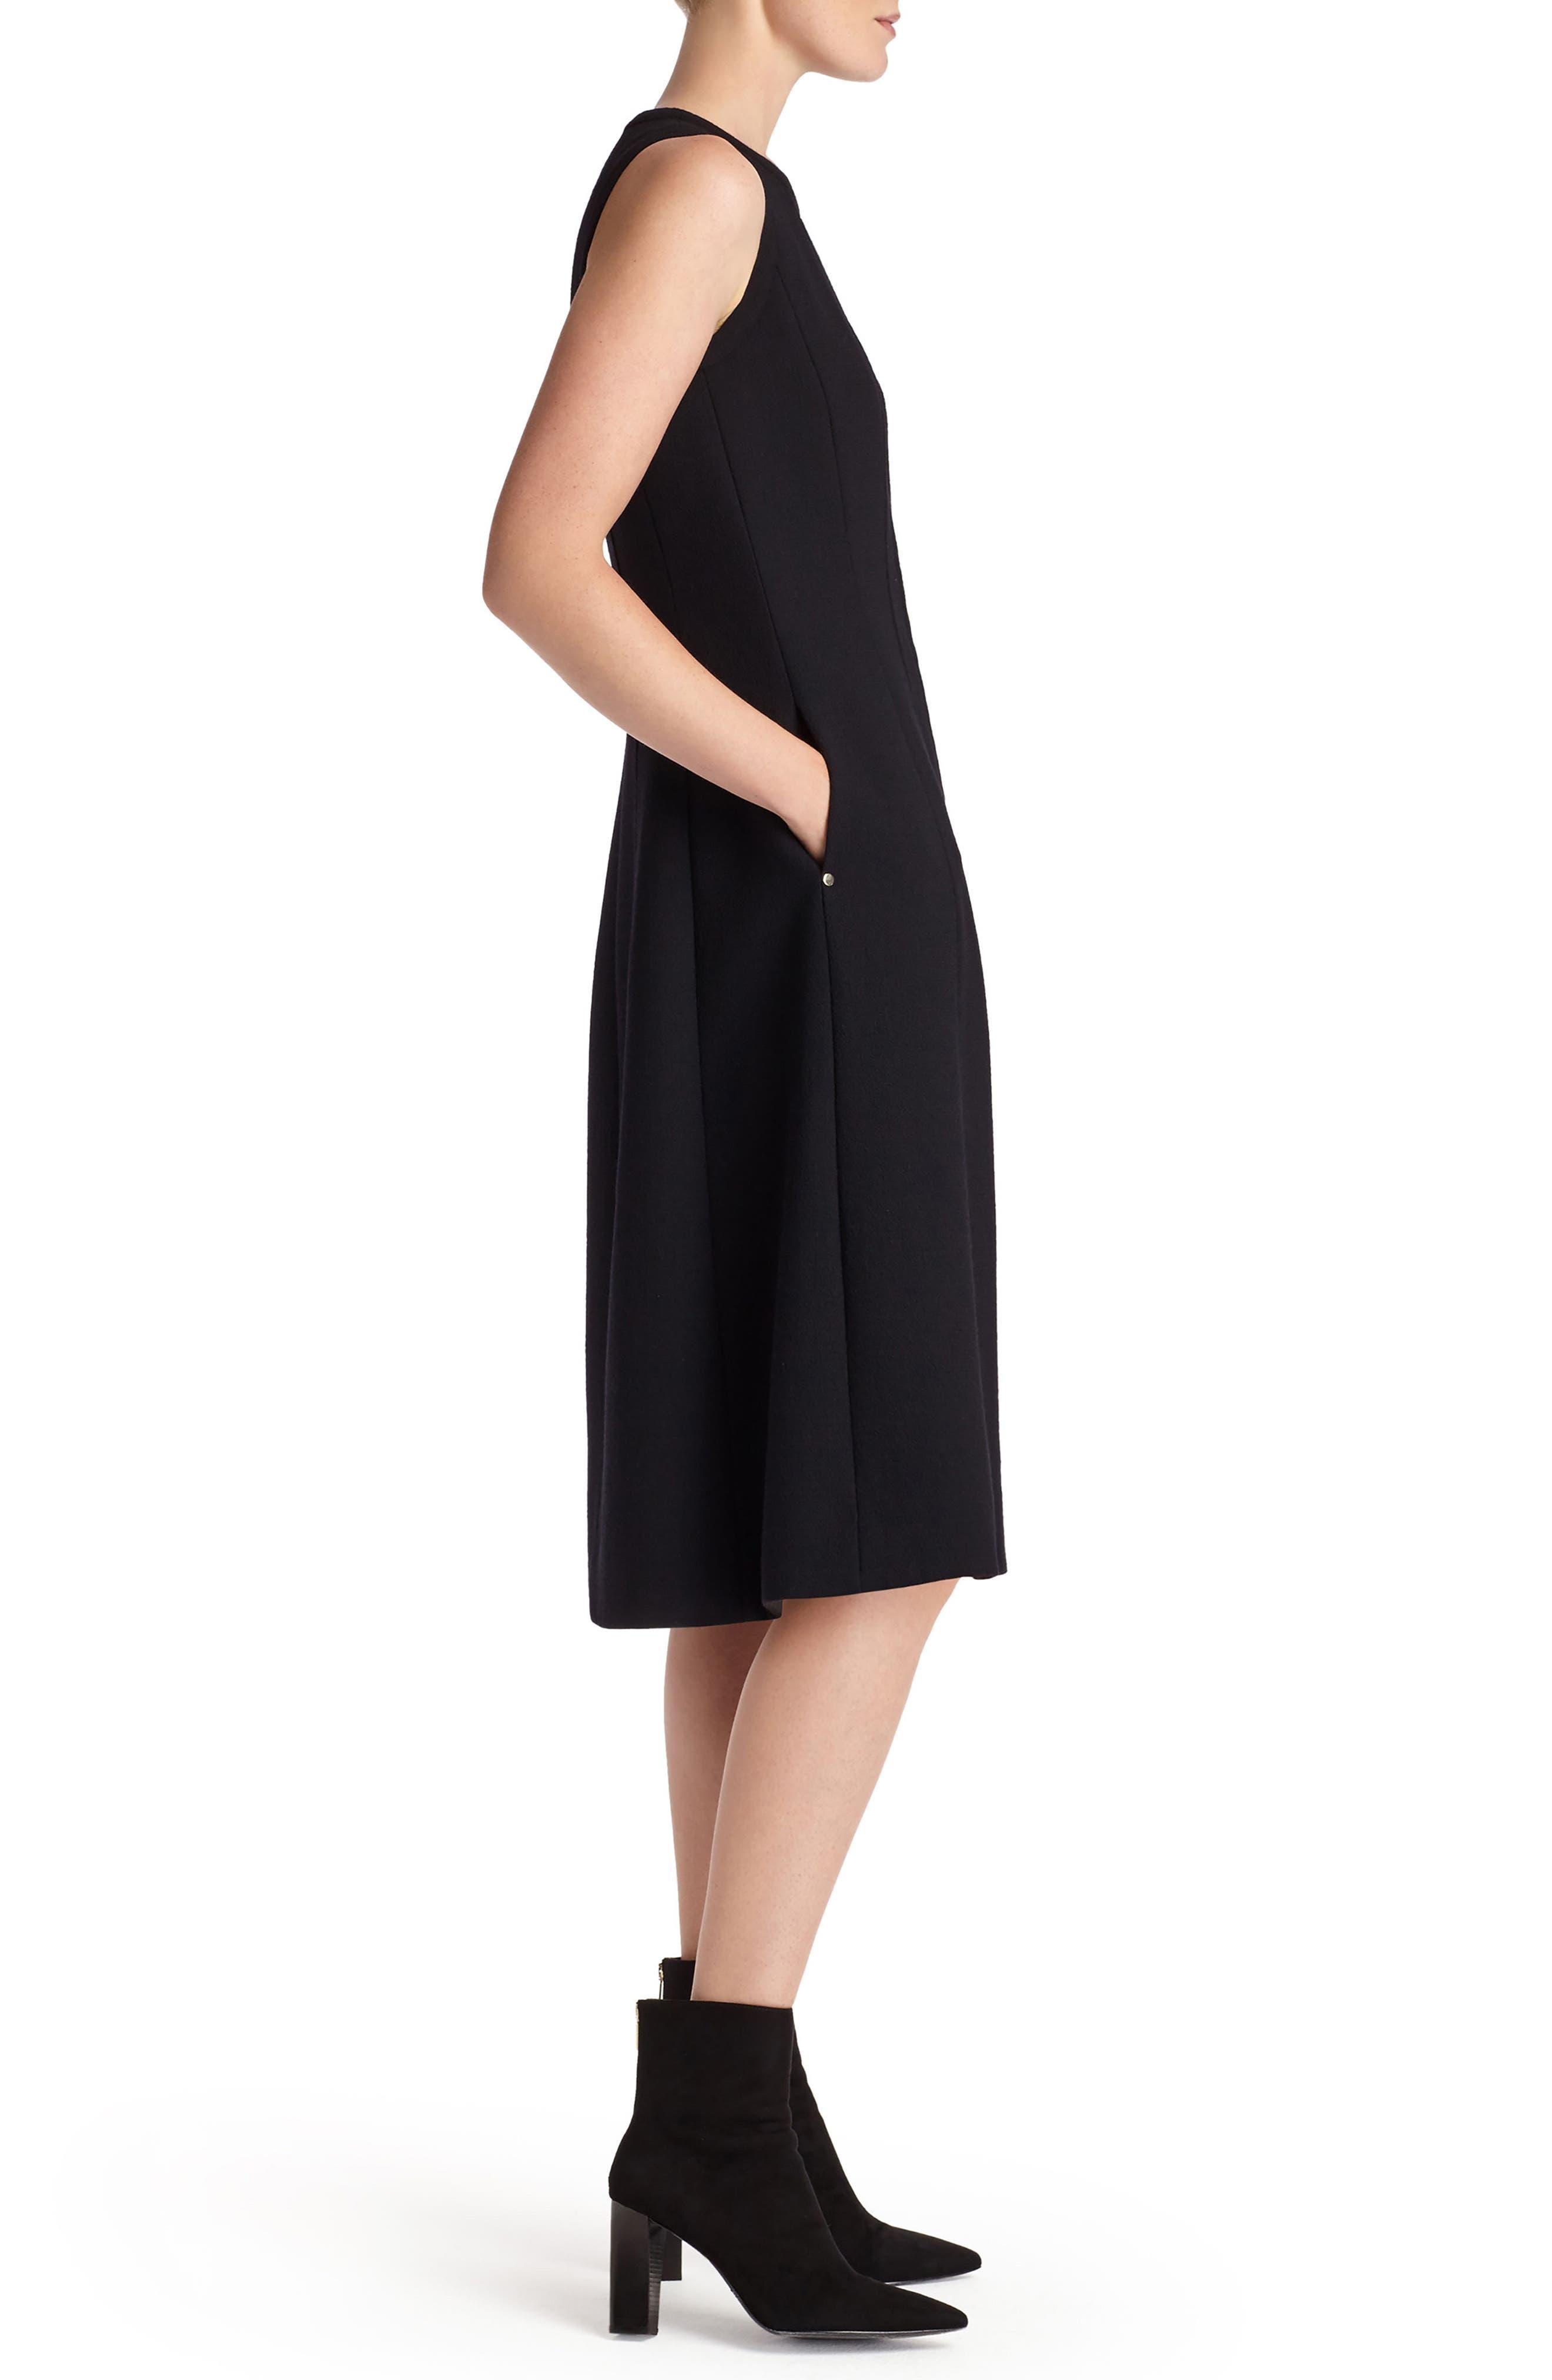 Celinda Nouveau Crepe Dress,                             Alternate thumbnail 3, color,                             Black